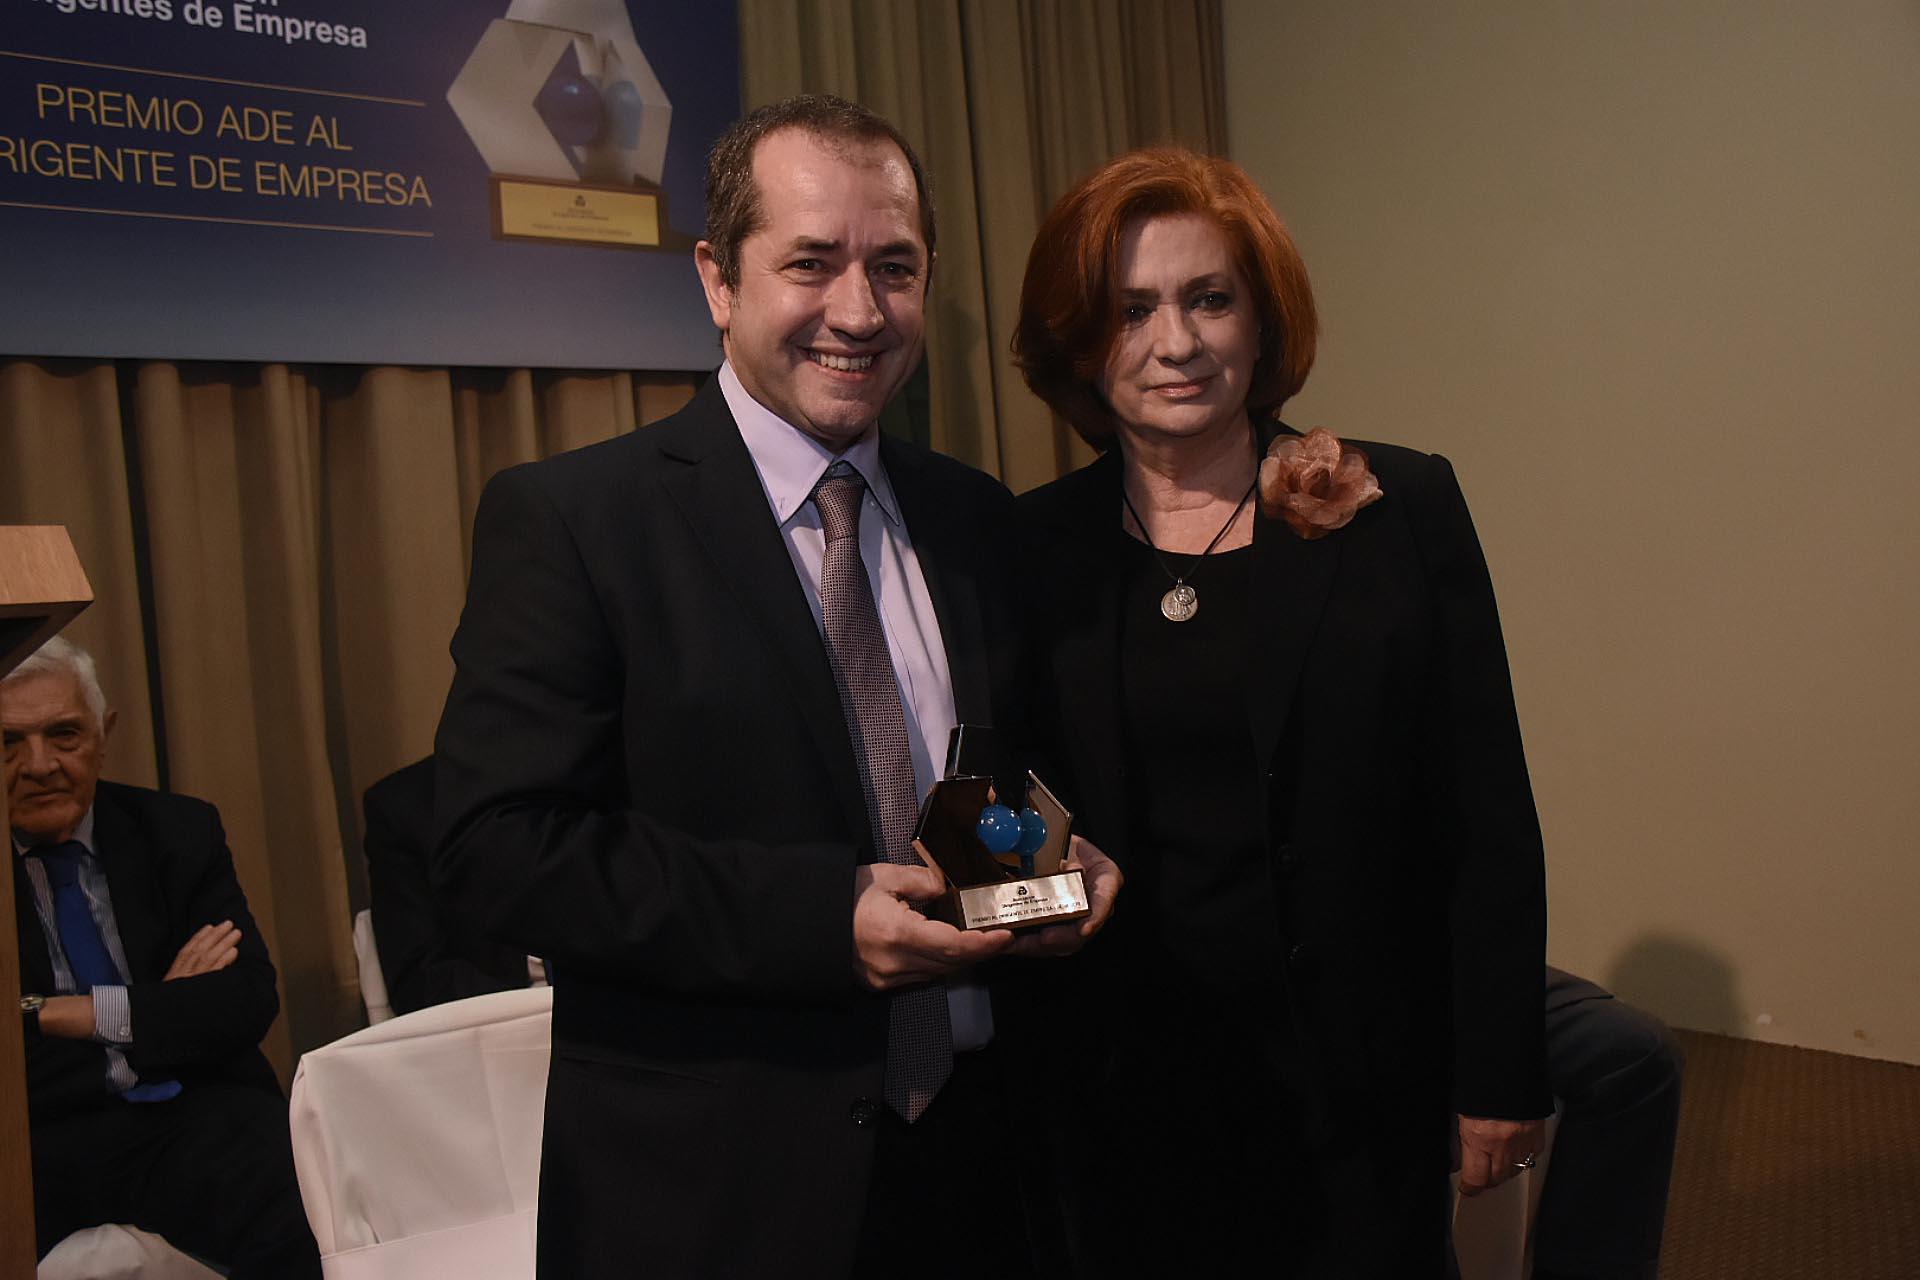 Obdulio San Martín, director general de Don Mario Semillas, recibió el premio ADE 2019 en la categoría 'Agroindustria'